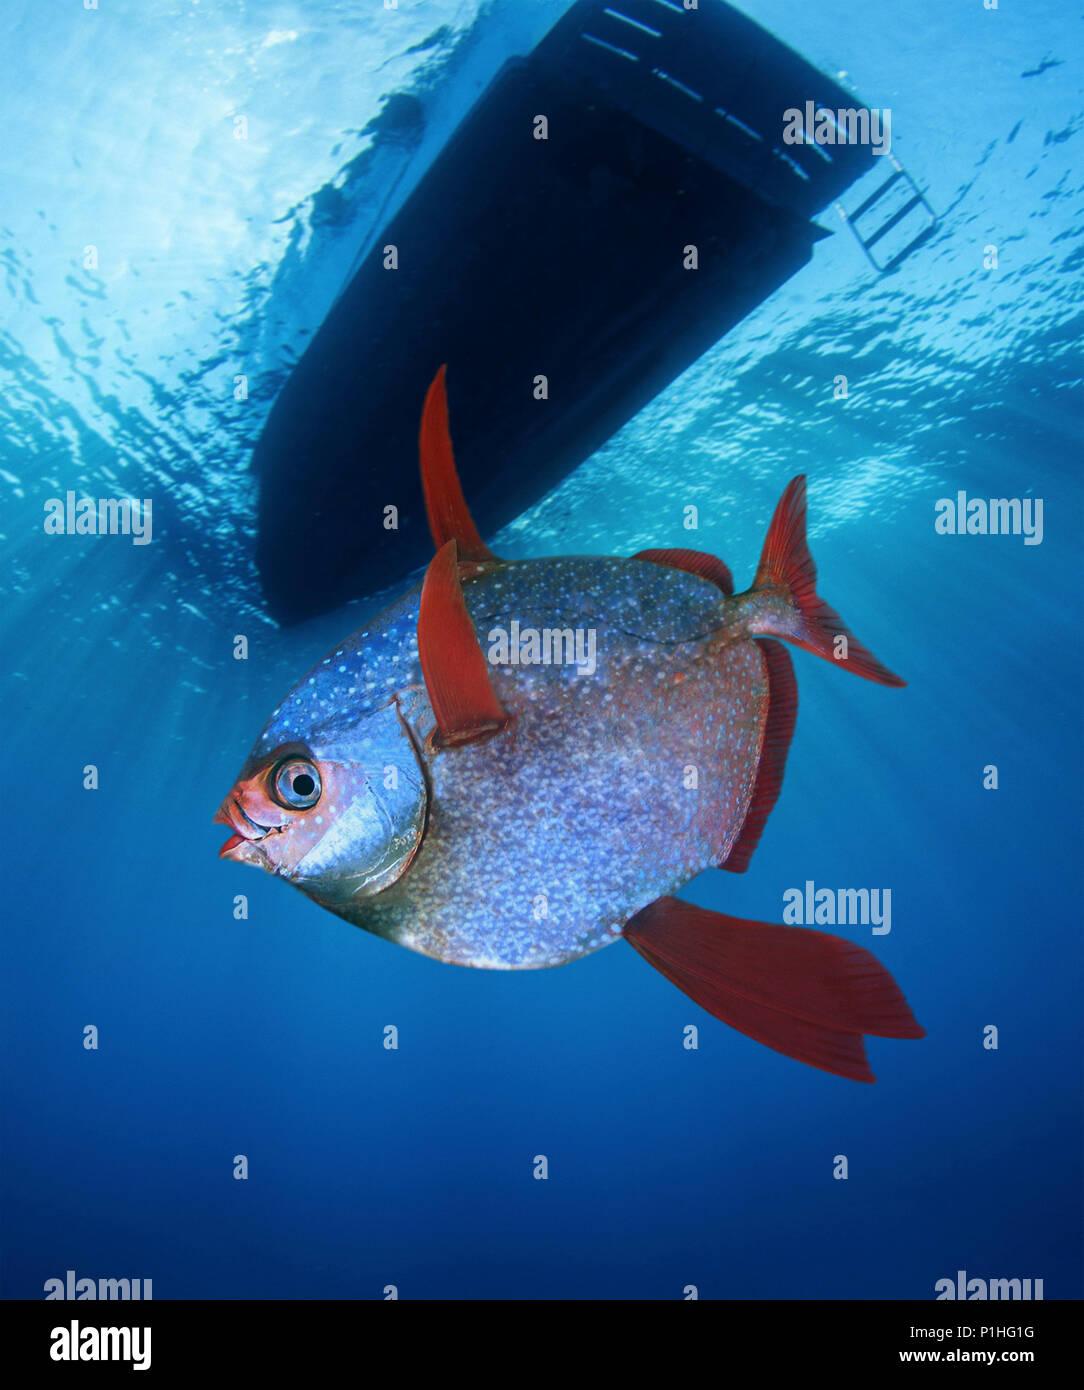 Opah, Lampris guttatus, Schwimmen unter dem Boot. Dieser Fisch ist in der Lage, seinen gesamten Körper Kern über Raumtemperatur aufrecht zu erhalten, werden der erste Stockfoto